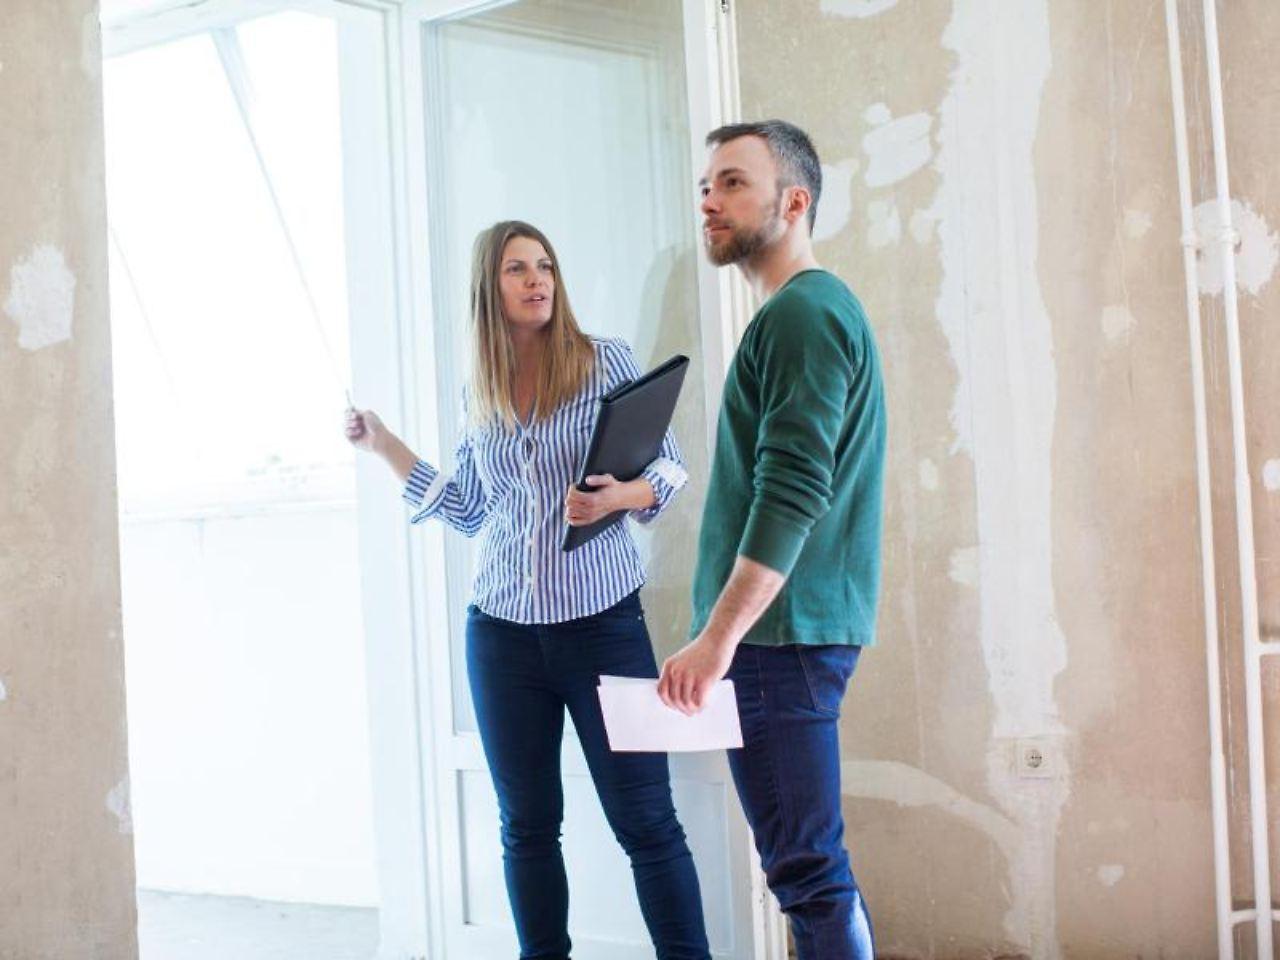 blo nicht nerven verhalten bei der wohnungsbesichtigung. Black Bedroom Furniture Sets. Home Design Ideas